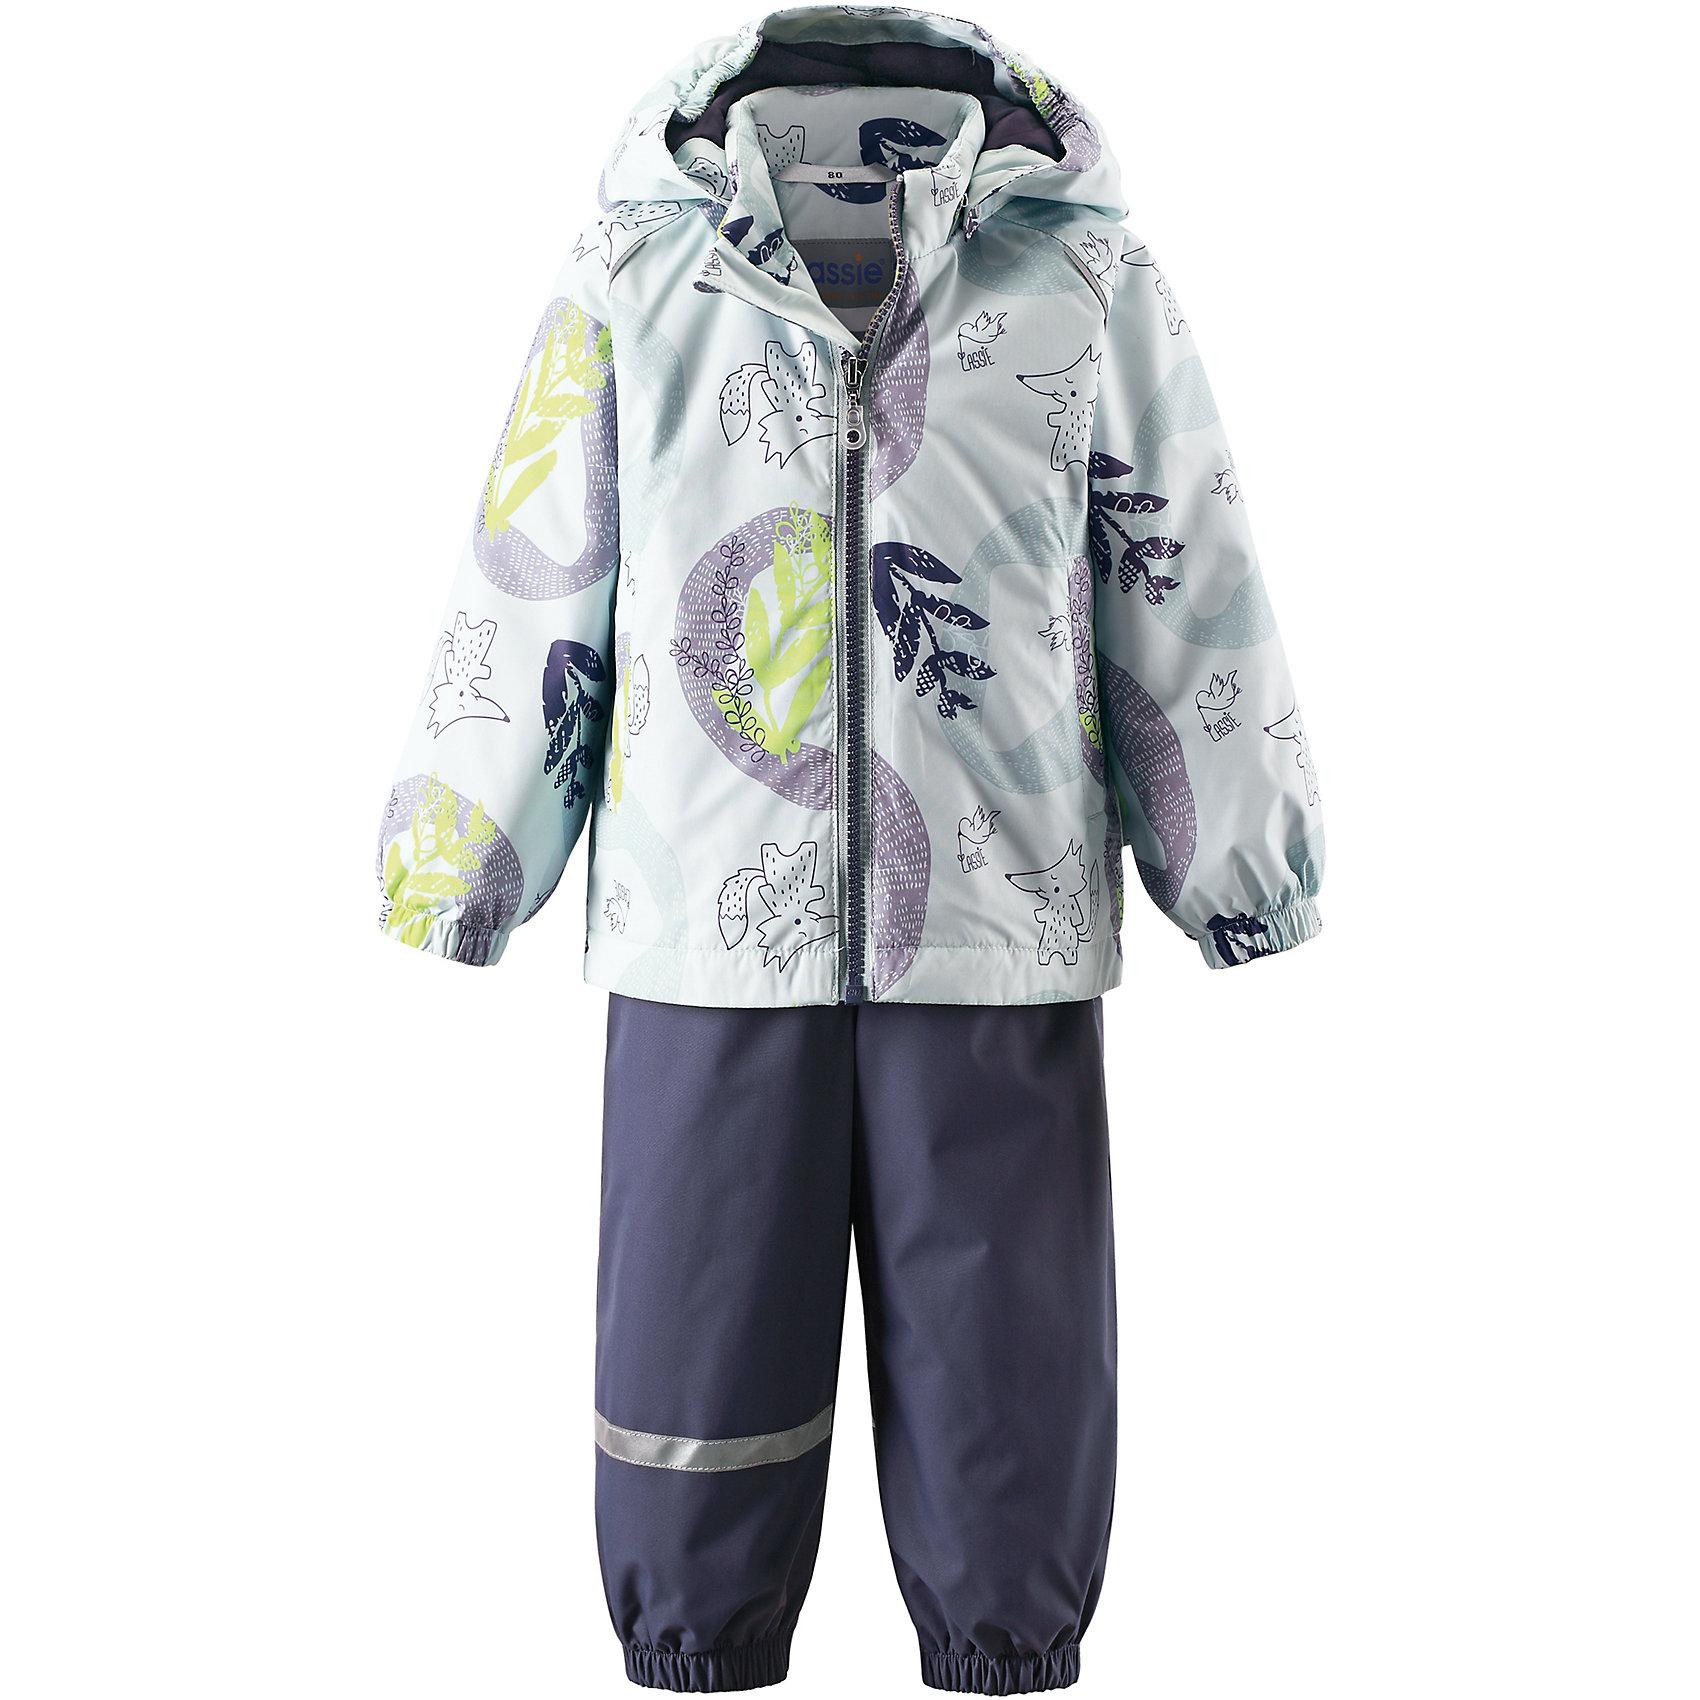 Комплект LASSIEВерхняя одежда<br>Комплект LASSIE<br>Состав:<br>100% Полиэстер, полиуретановое покрытие<br> Демисезонный комплект для самых маленьких.<br> Водоотталкивающий, ветронепроницаемый и «дышащий» материал.<br> Гладкая подкладка из полиэстра.<br> Легкая степень утепления.<br> Безопасный, съемный капюшон.<br> Эластичные манжеты.<br> Регулируемый обхват талии.<br> Эластичные штанины.<br> Съемные штрипки.<br> Два прорезных кармана.<br> Регулируемые эластичные подтяжки.<br><br>Ширина мм: 190<br>Глубина мм: 74<br>Высота мм: 229<br>Вес г: 236<br>Цвет: зеленый<br>Возраст от месяцев: 9<br>Возраст до месяцев: 12<br>Пол: Унисекс<br>Возраст: Детский<br>Размер: 80,86,98,74,92<br>SKU: 5264812